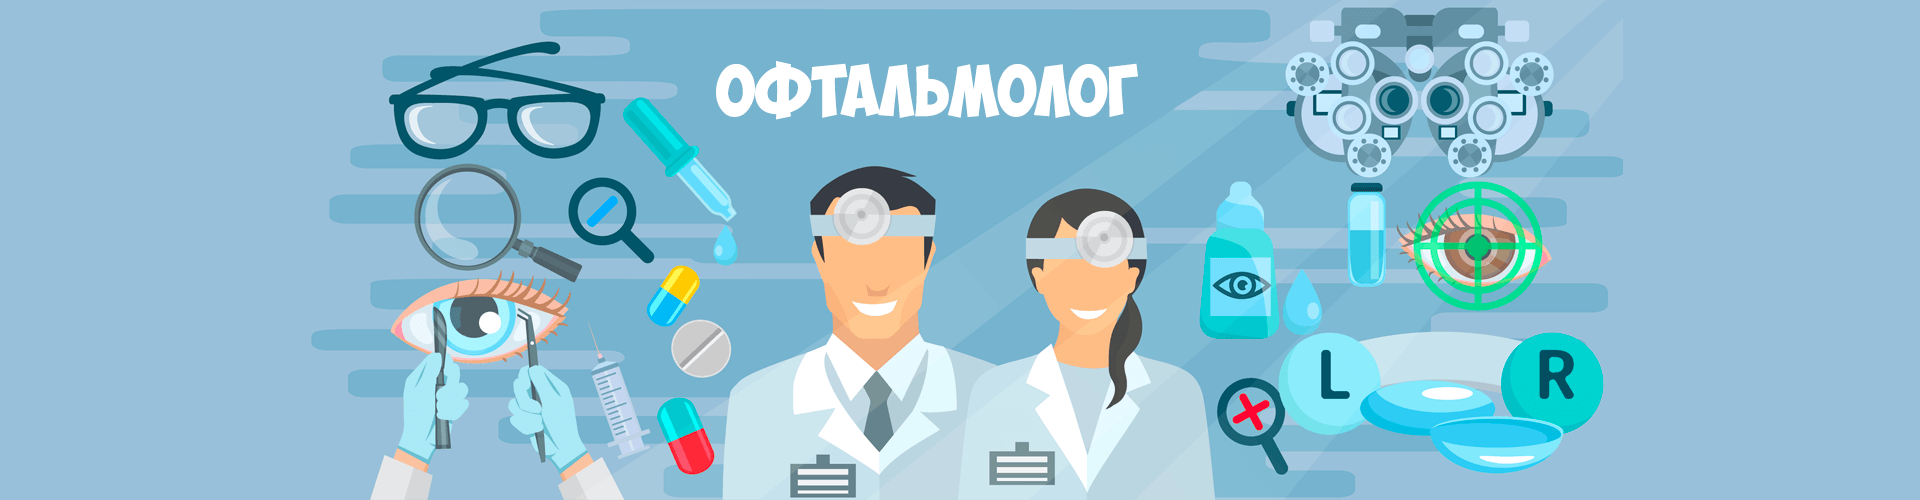 Офтальмолог – что за врач и чем он отличается от окулиста? Запишитесь к врачу на осмотр в клинике МЕДСИ